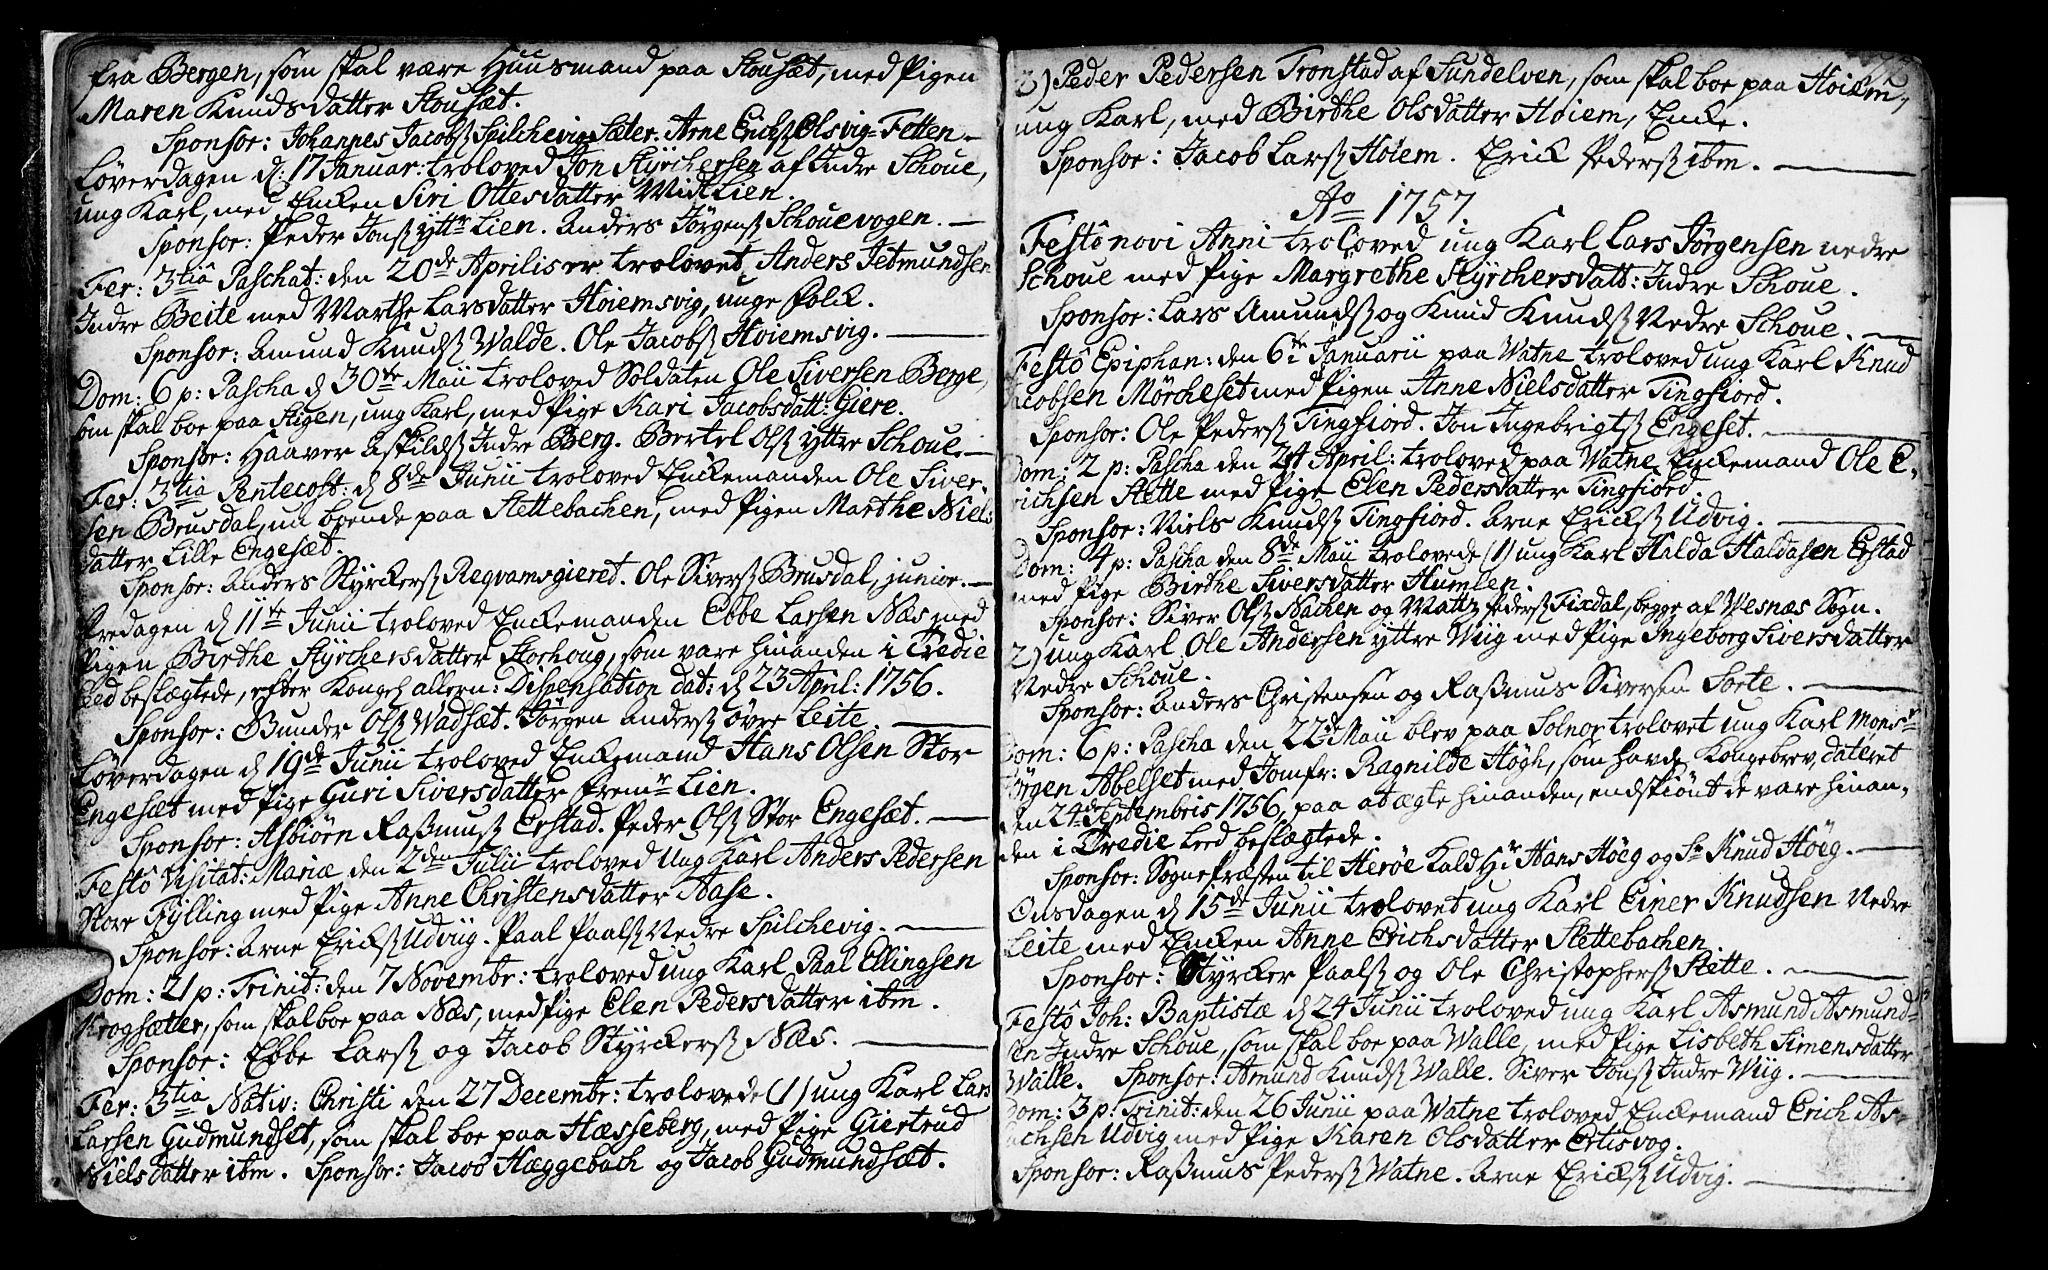 SAT, Ministerialprotokoller, klokkerbøker og fødselsregistre - Møre og Romsdal, 524/L0349: Parish register (official) no. 524A01, 1698-1779, p. 22